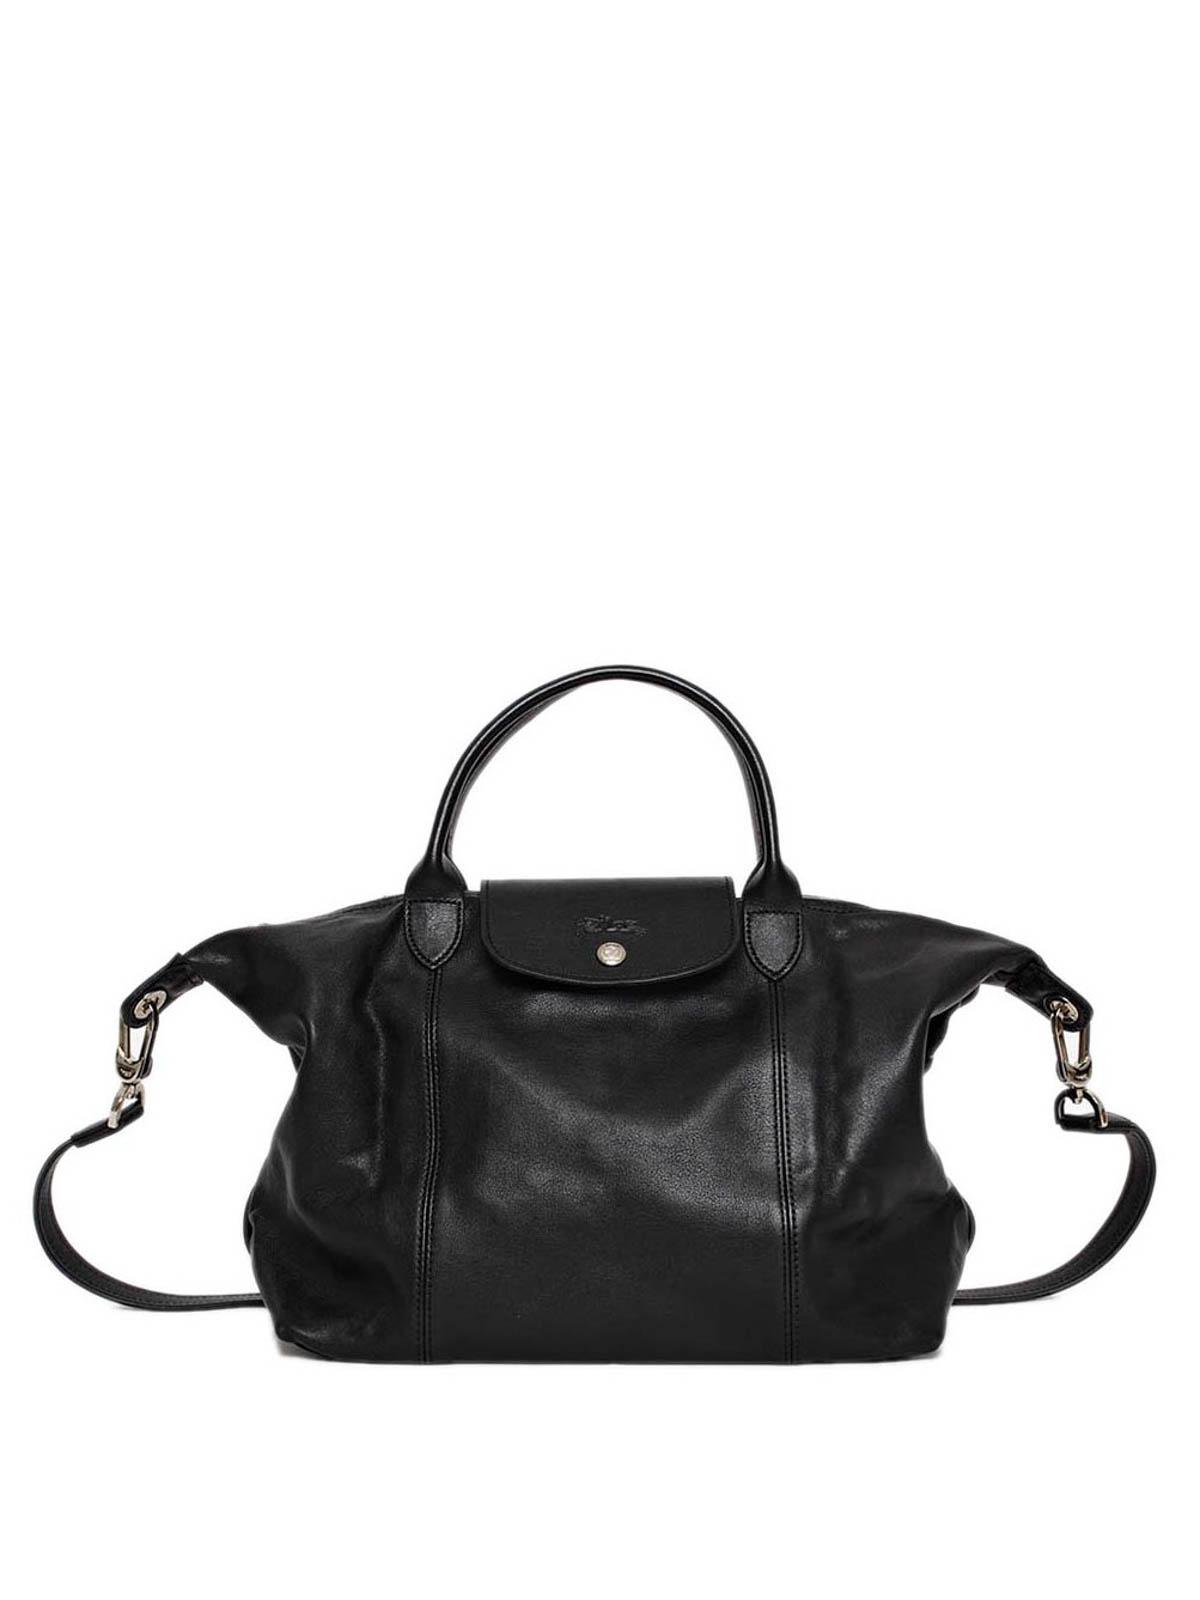 Longchamp - Le Pliage Cuir large hand bag - totes bags - 1515737001 bc9134d0c6a5b